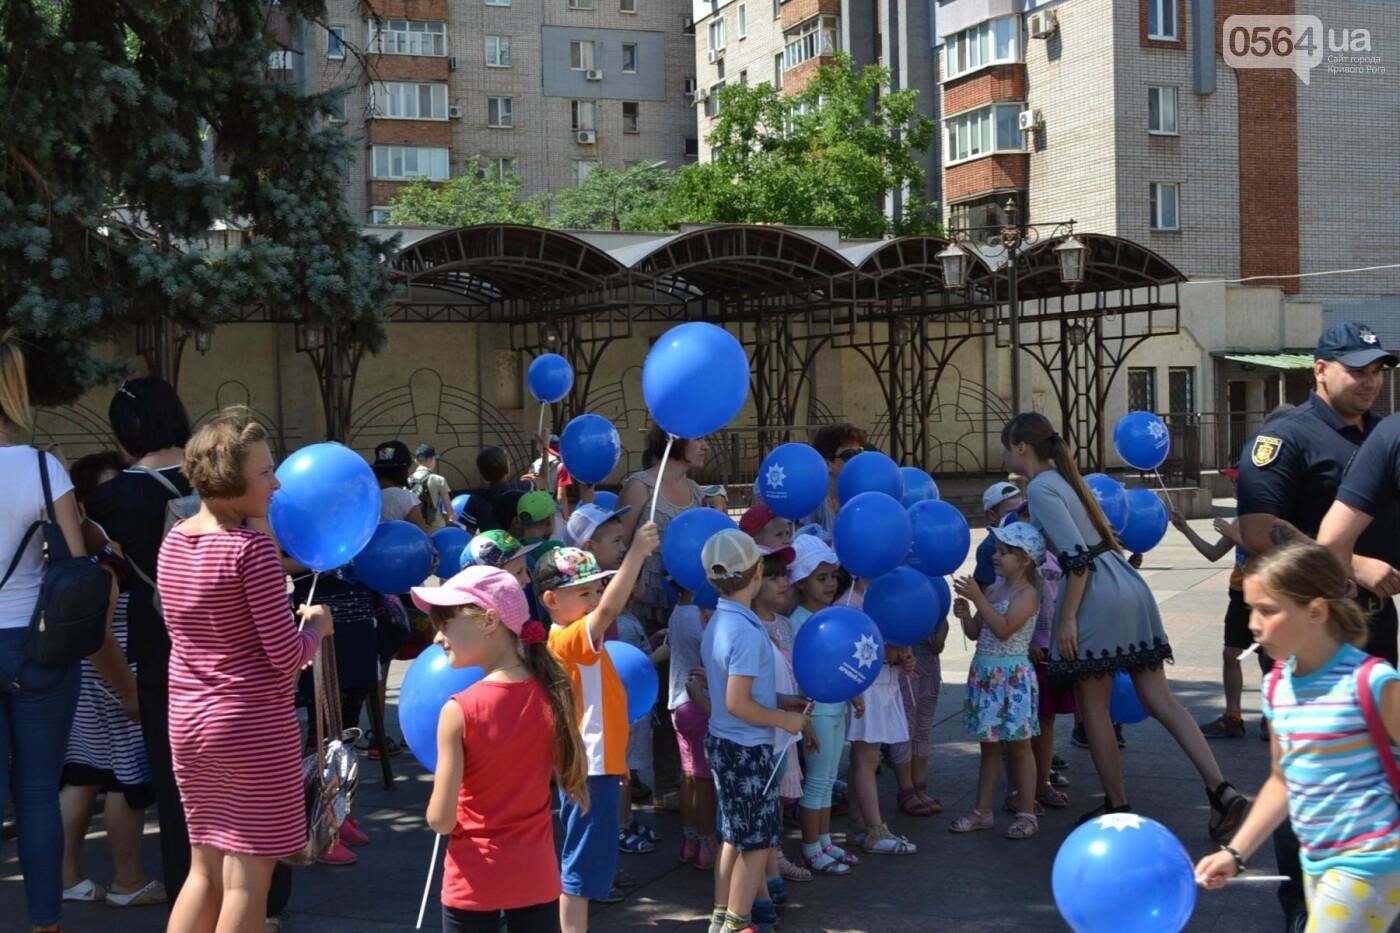 Патрульная полиция Кривого Рога отметила свой День рождения с детворой,- ФОТО, фото-10